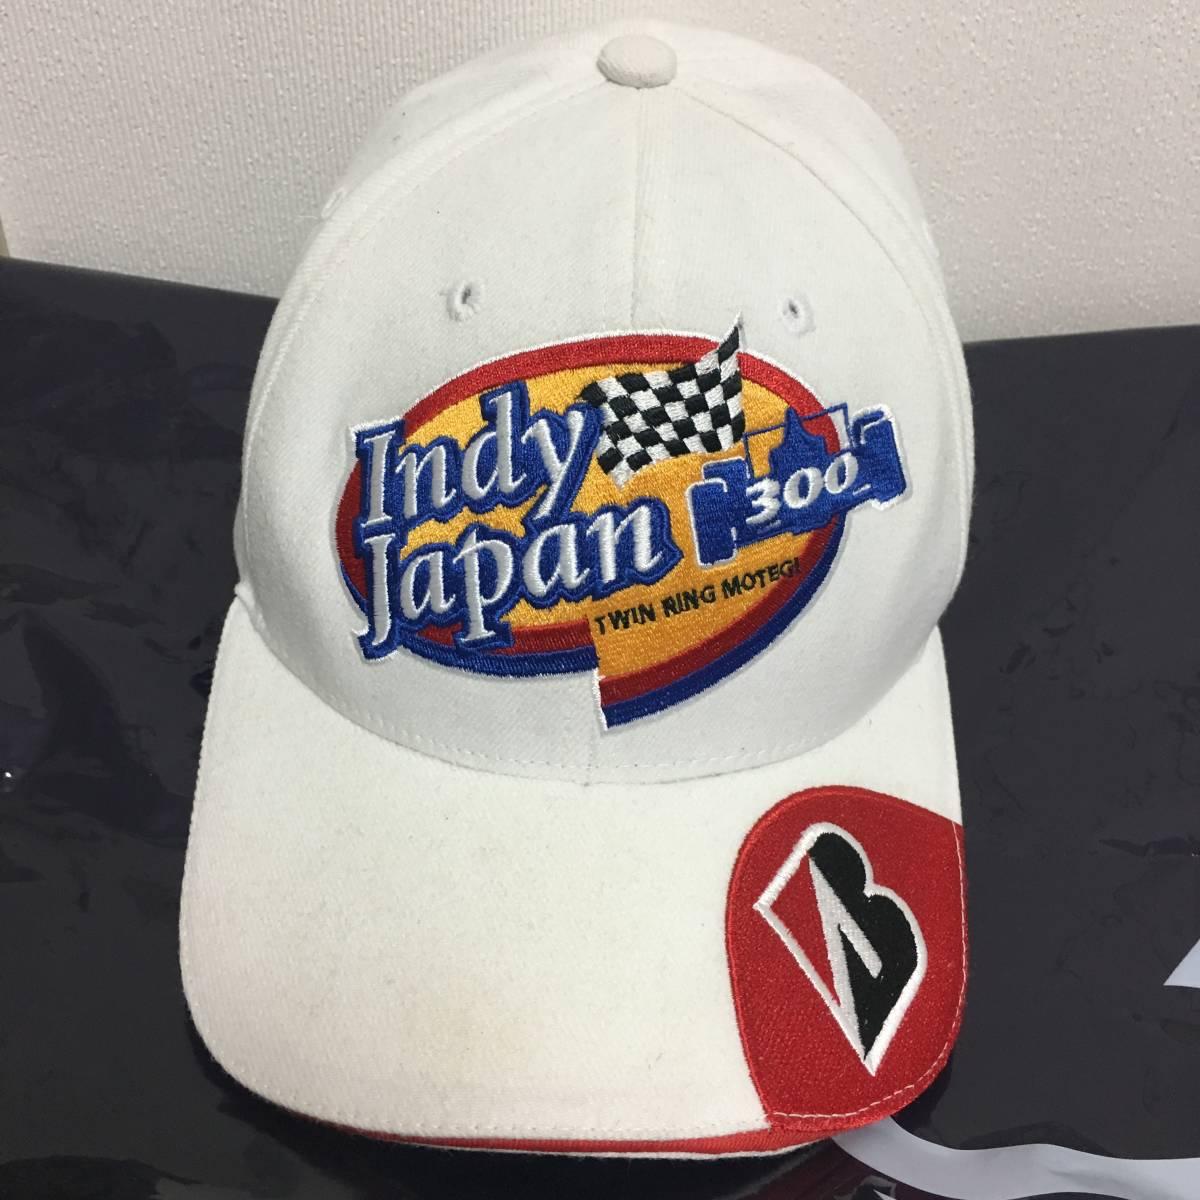 送料サービス ブリジストン BRIDGESTONE インディ300 ジャパン 帽子 非売品_画像1